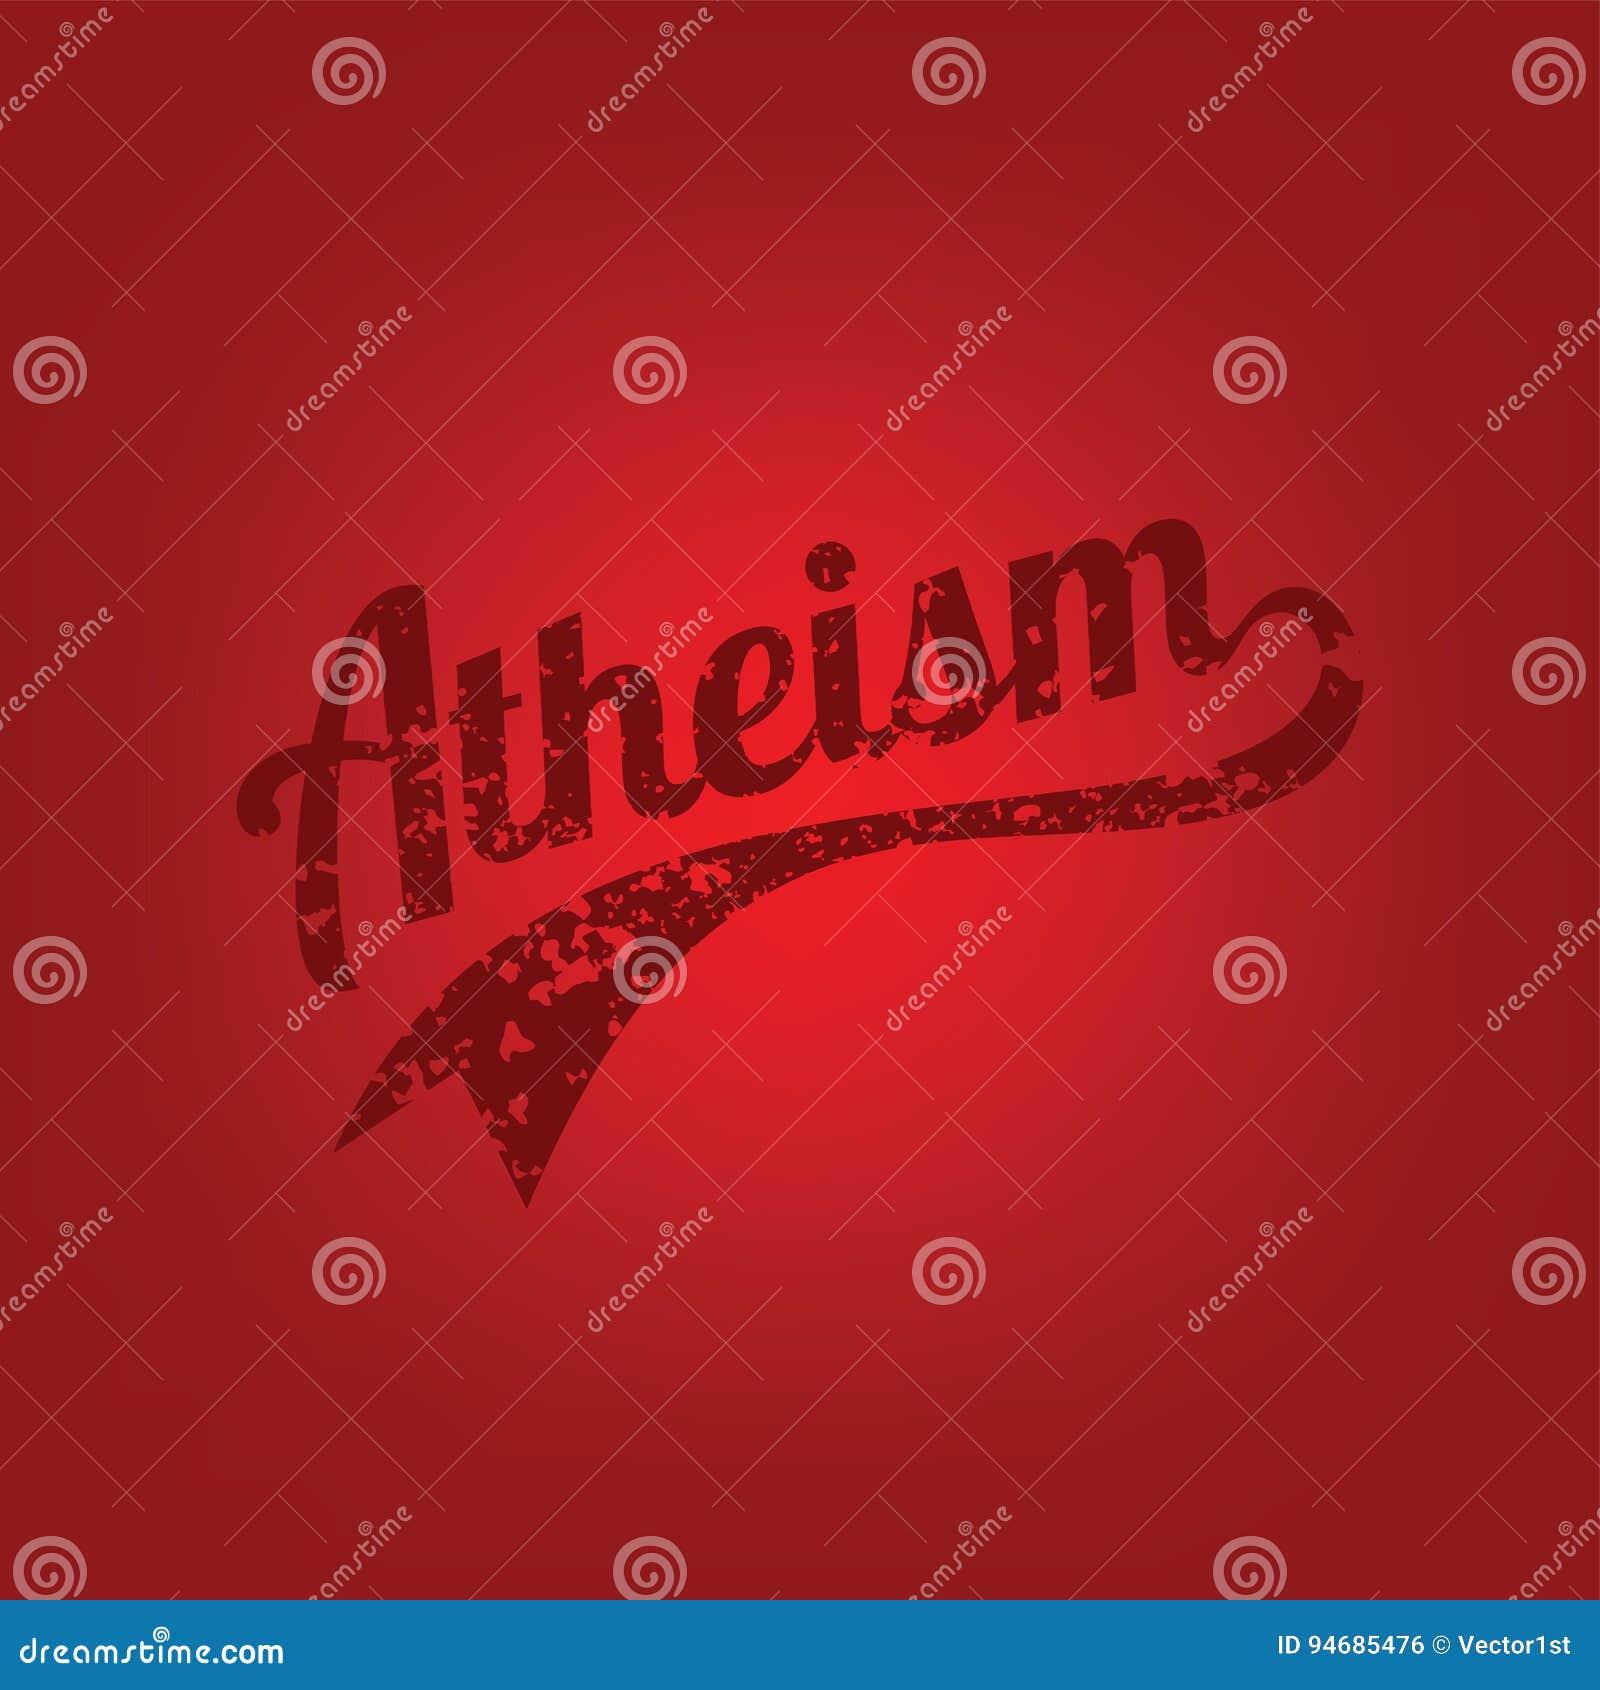 θέμα αθεϊσμού - ενάντια στη θρησκευτική εκστρατεία άγνοιας